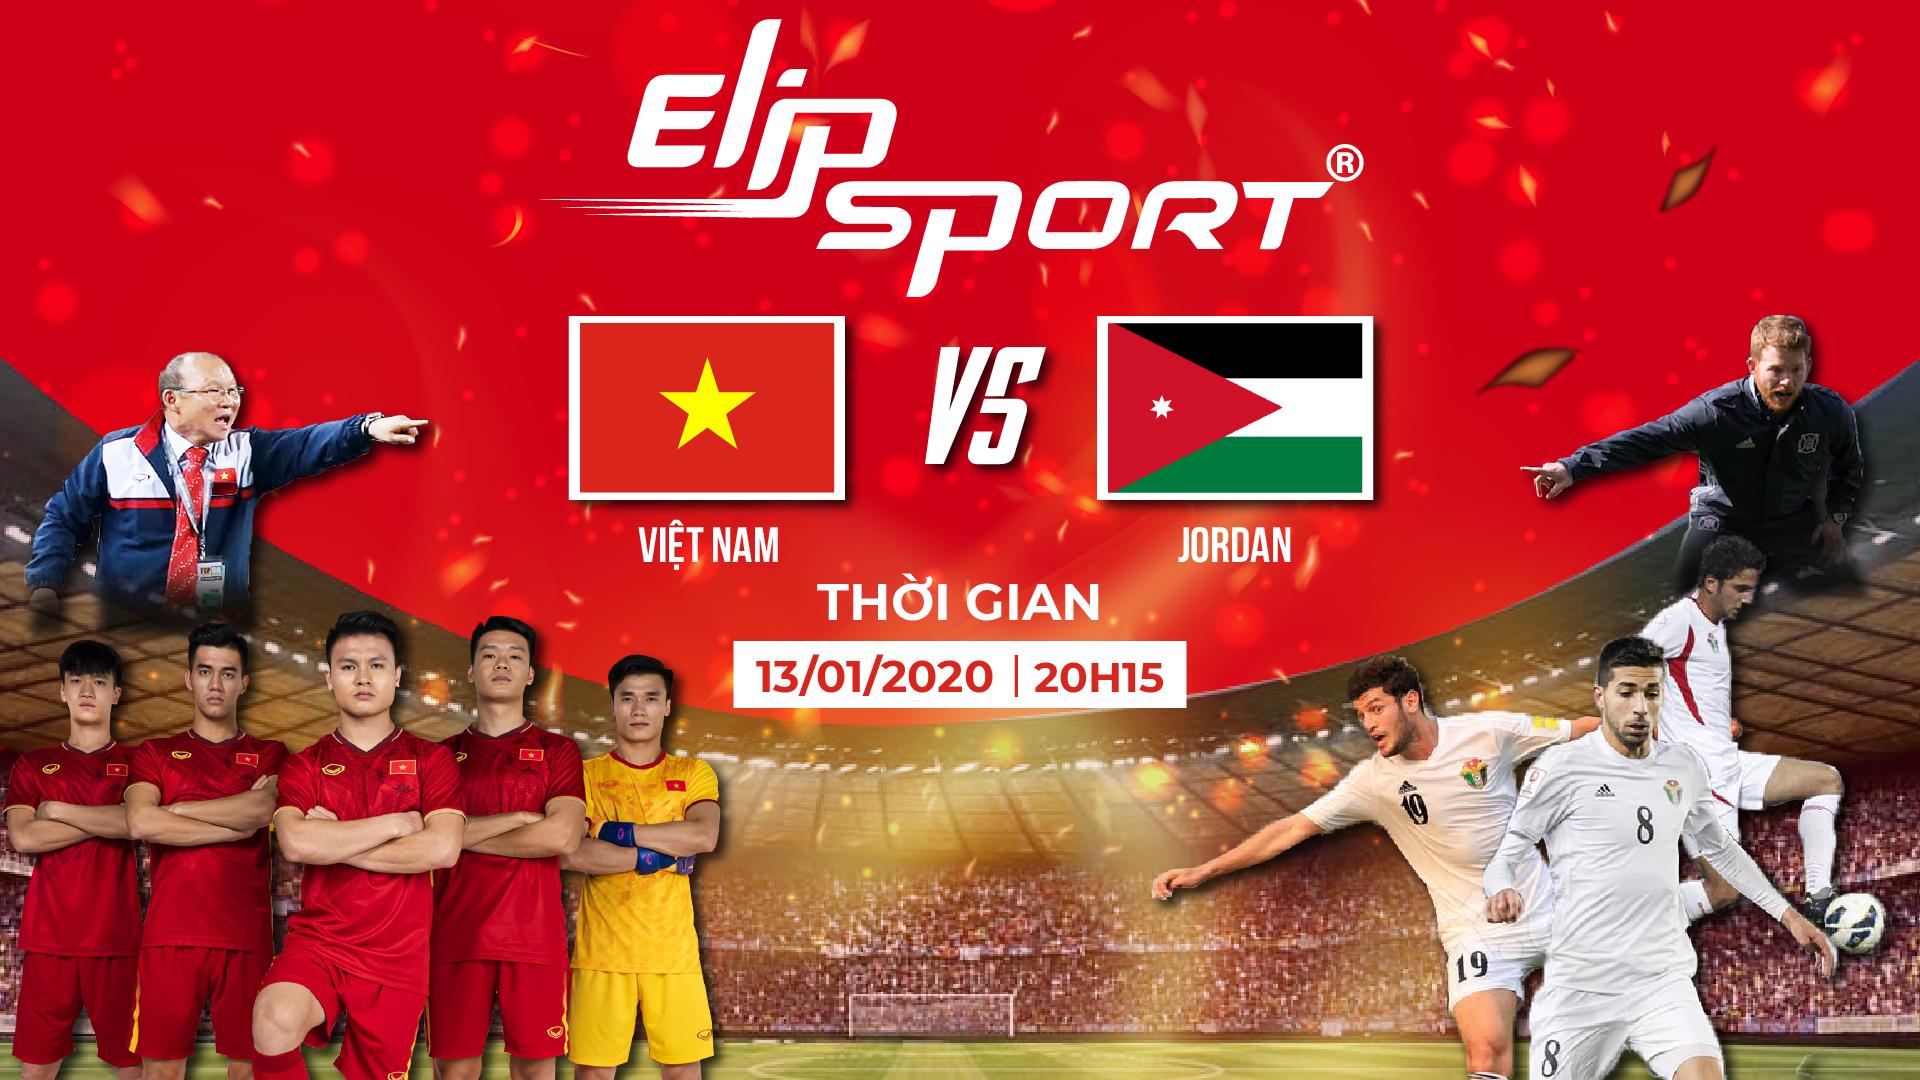 U23 Việt Nam nhận tin khẩn từ Elipsport trước trận quyết định gặp U23 Jordan - ảnh 2